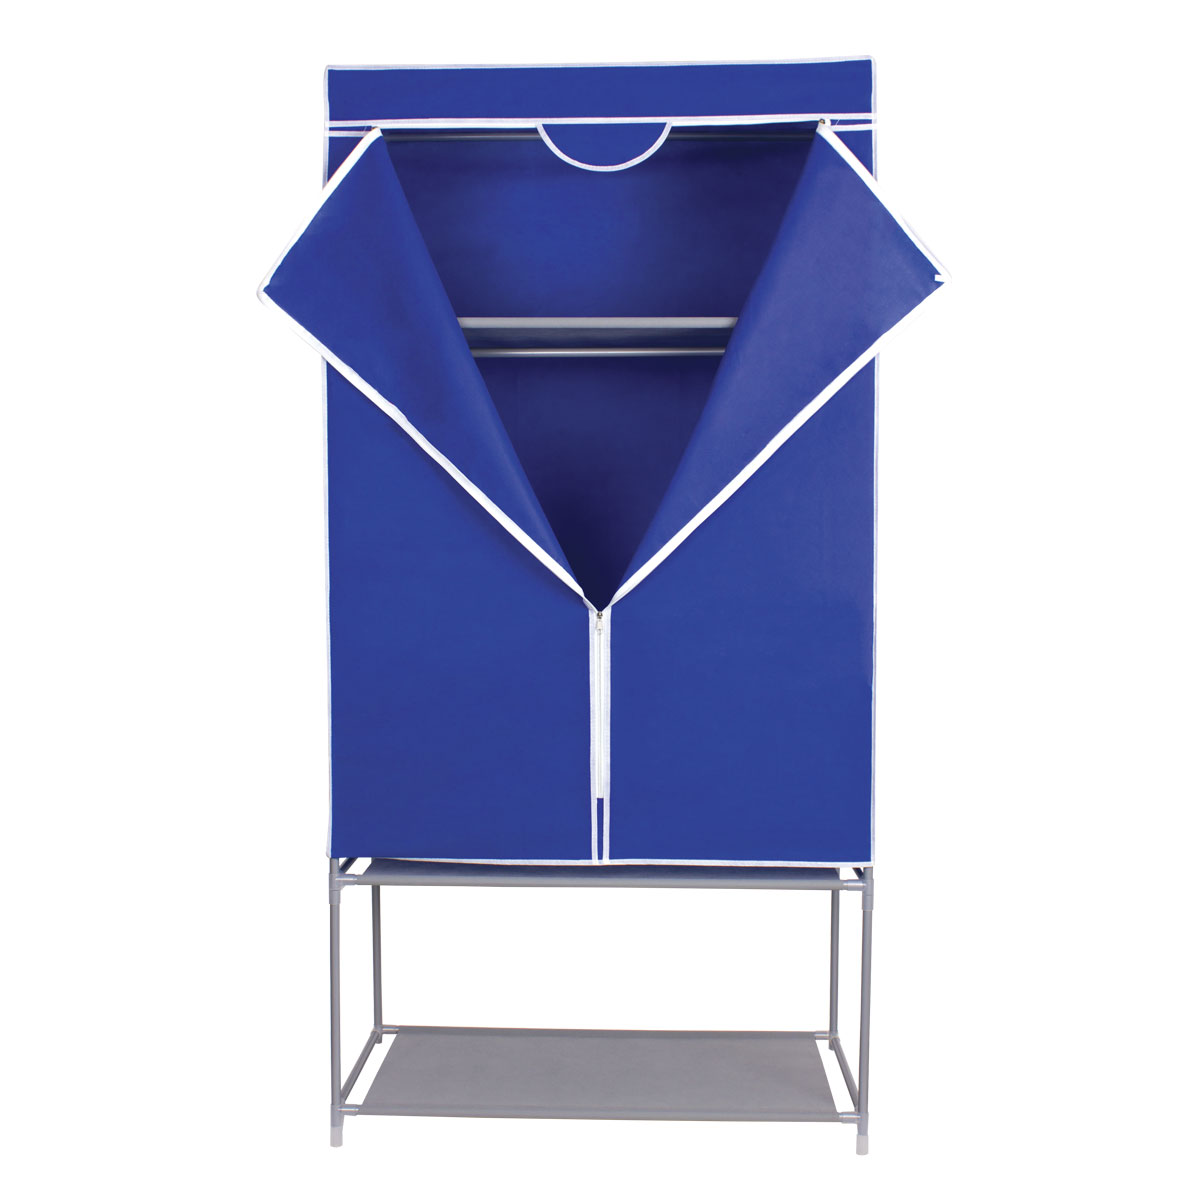 Гардероб для хранения одежды Miolla, цвет: синий, 175 х 87 х 46 смFS-80264Гардероб Miolla - это идеальное решение для хранения одежды, обуви и аксессуаров. Само изделие выполнено из нетканого материала, а каркас - из прочного металла, благодаря чему изделие не деформируется и отлично сохраняет форму. Гардероб имеет перекладину, верхнюю полку и полку для обуви. Такой гардероб поможет с легкостью организовать пространство в шкафу или гардеробе.